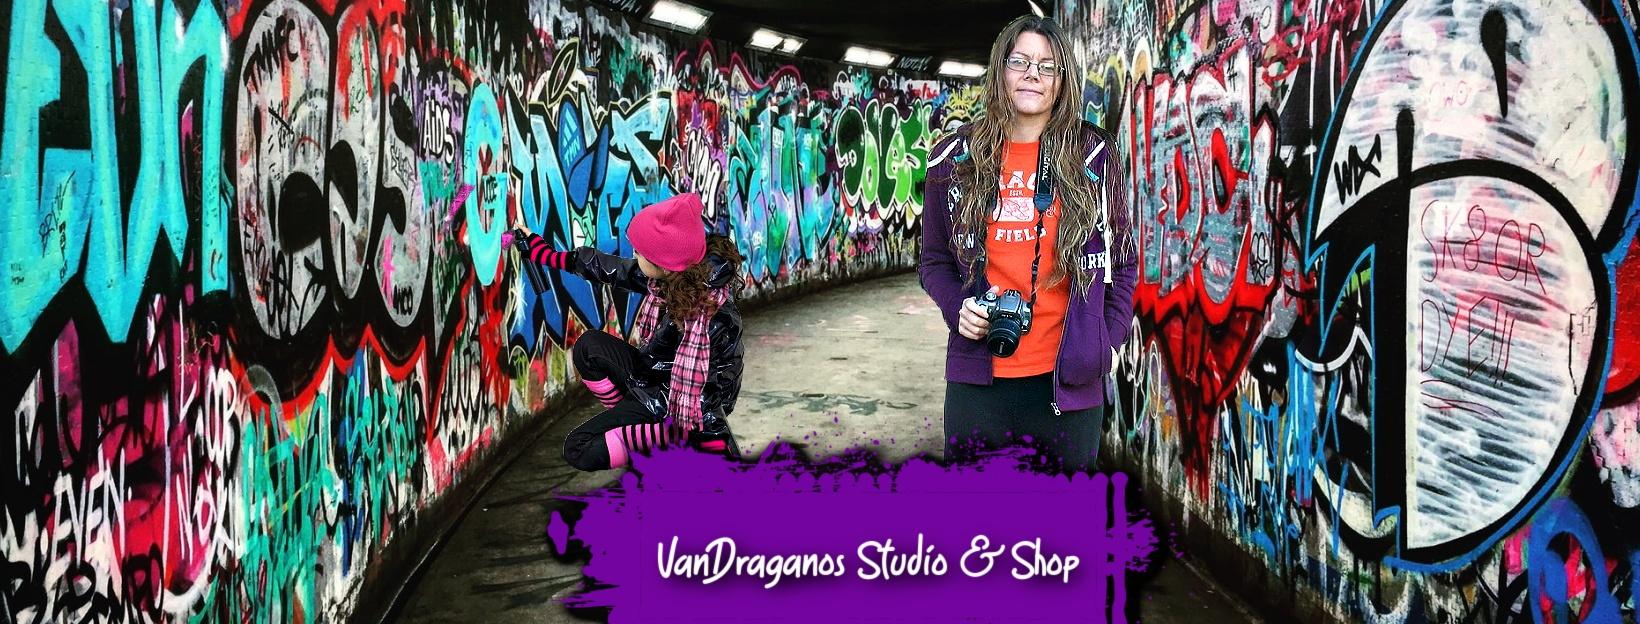 VanDraganosStudio Cover